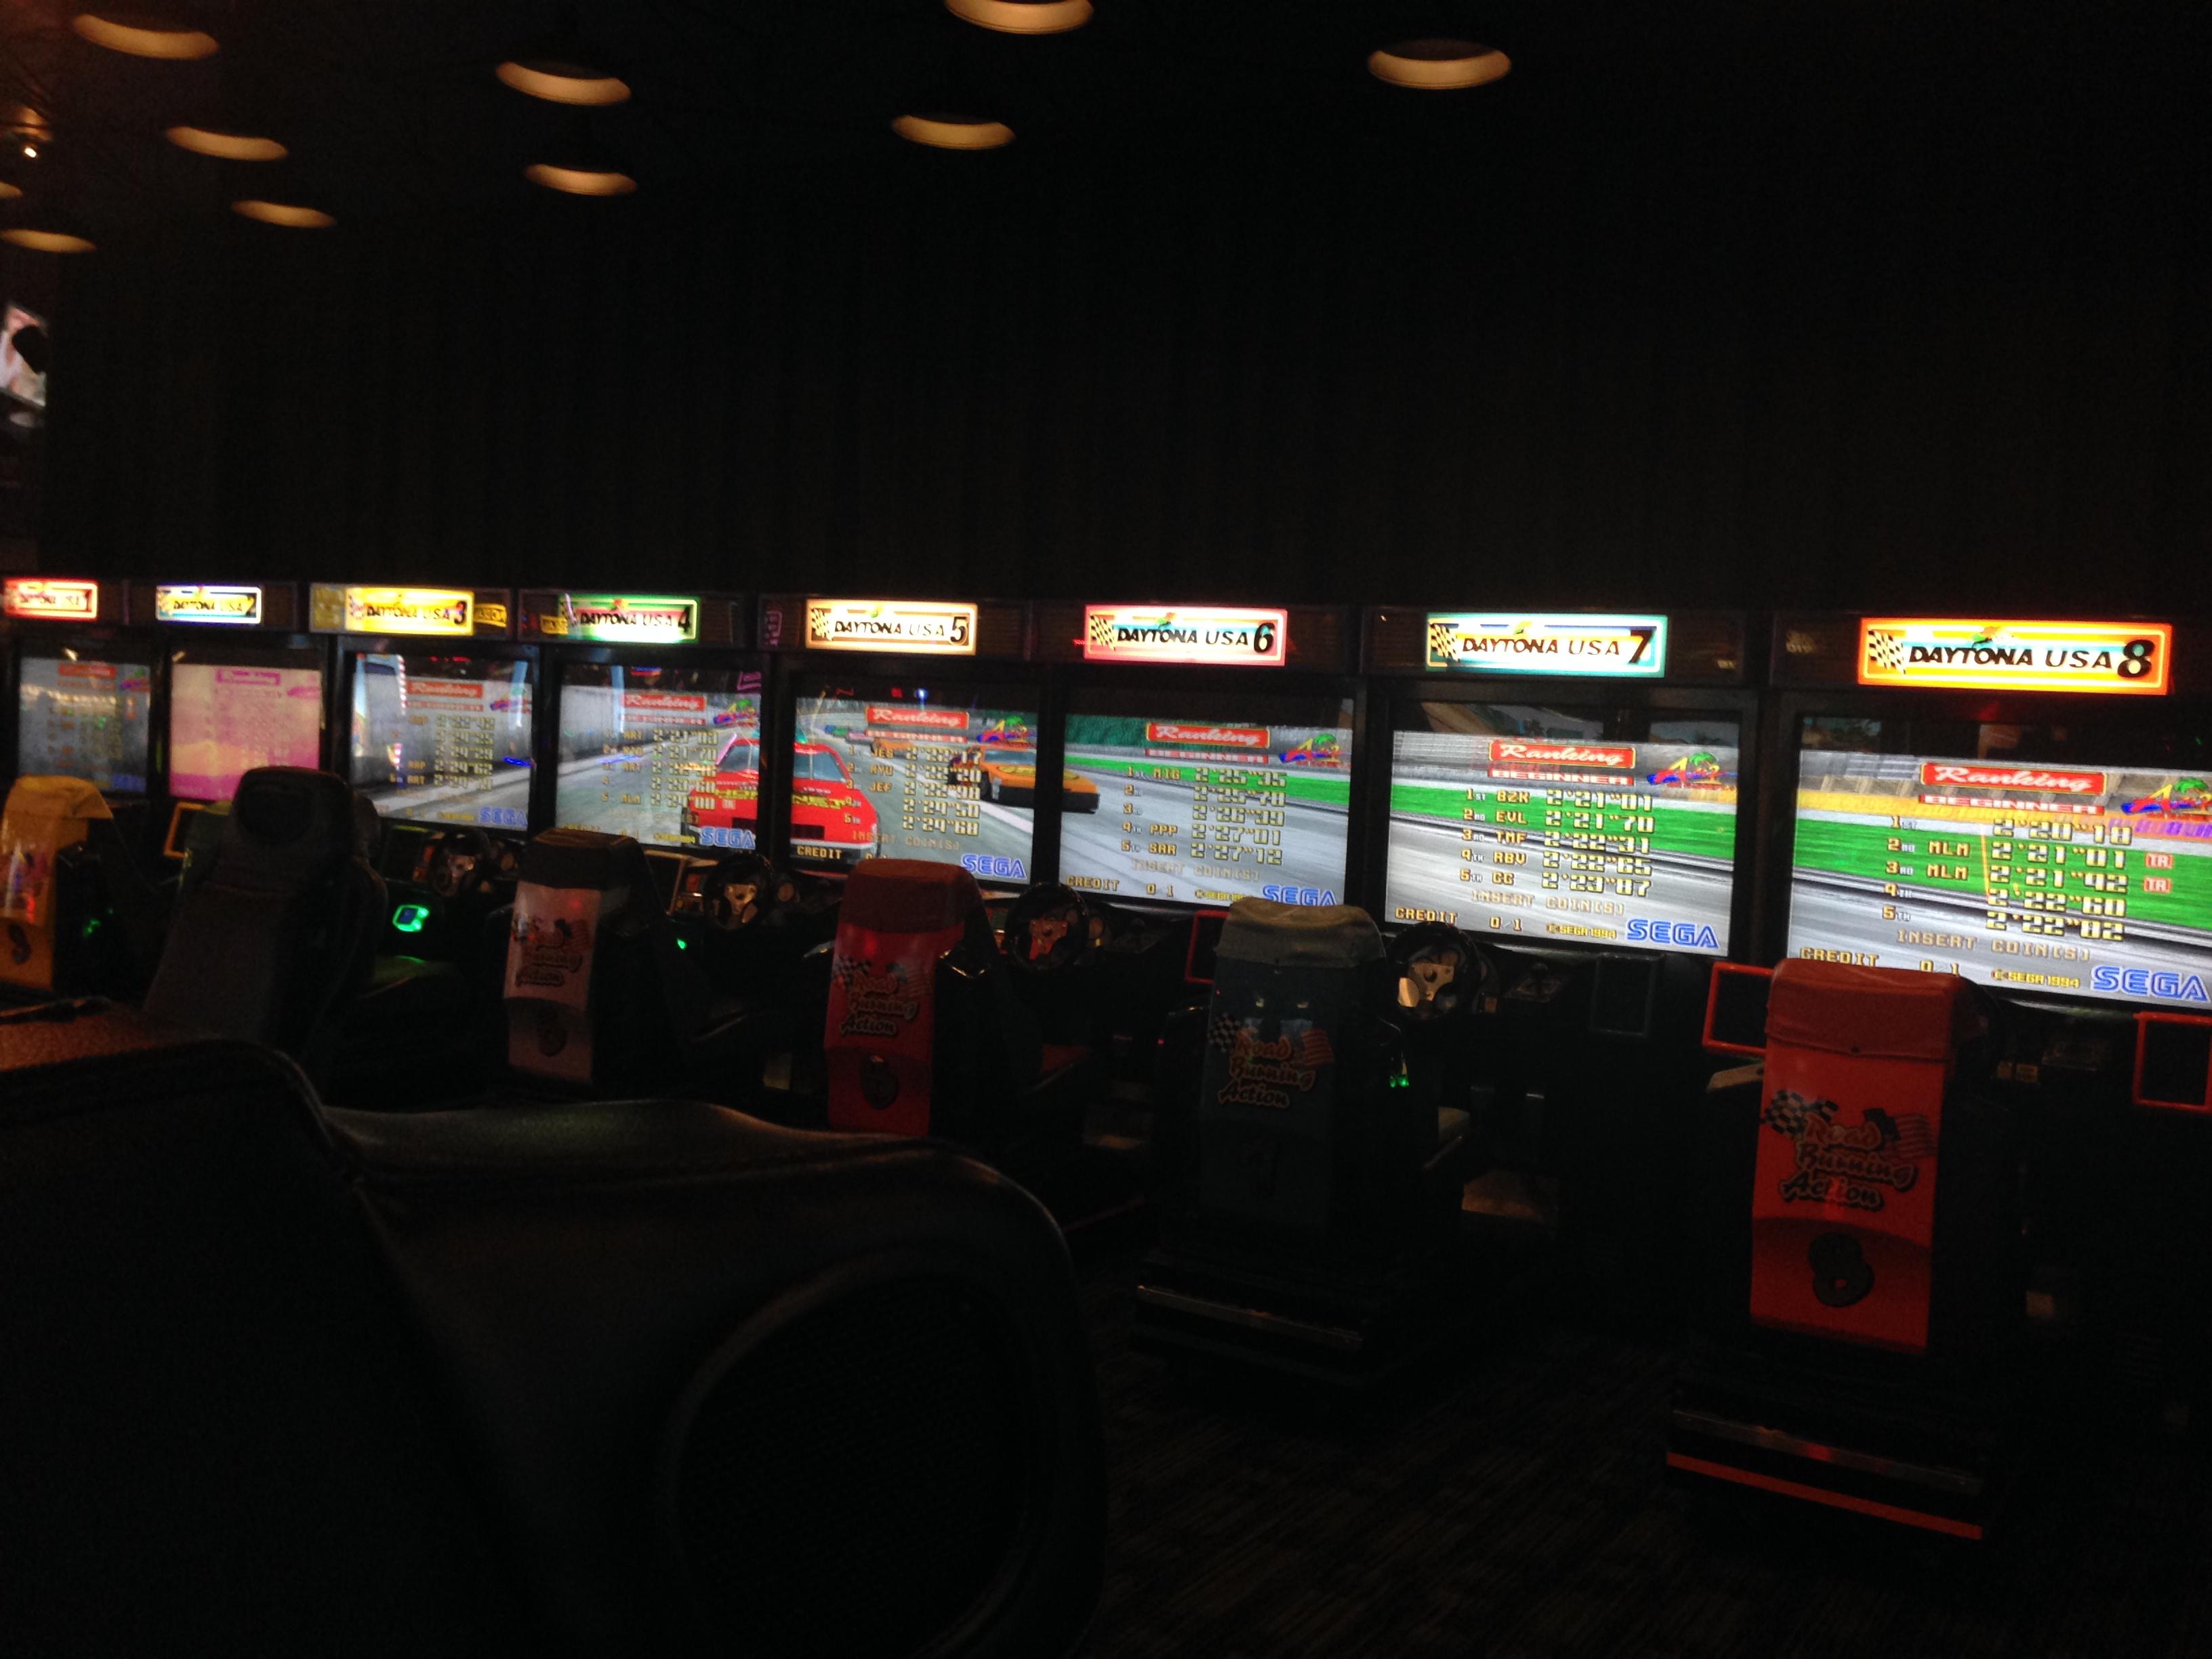 Daytona Usa Dave Amp Buster S Santa Anita Arcade Locations